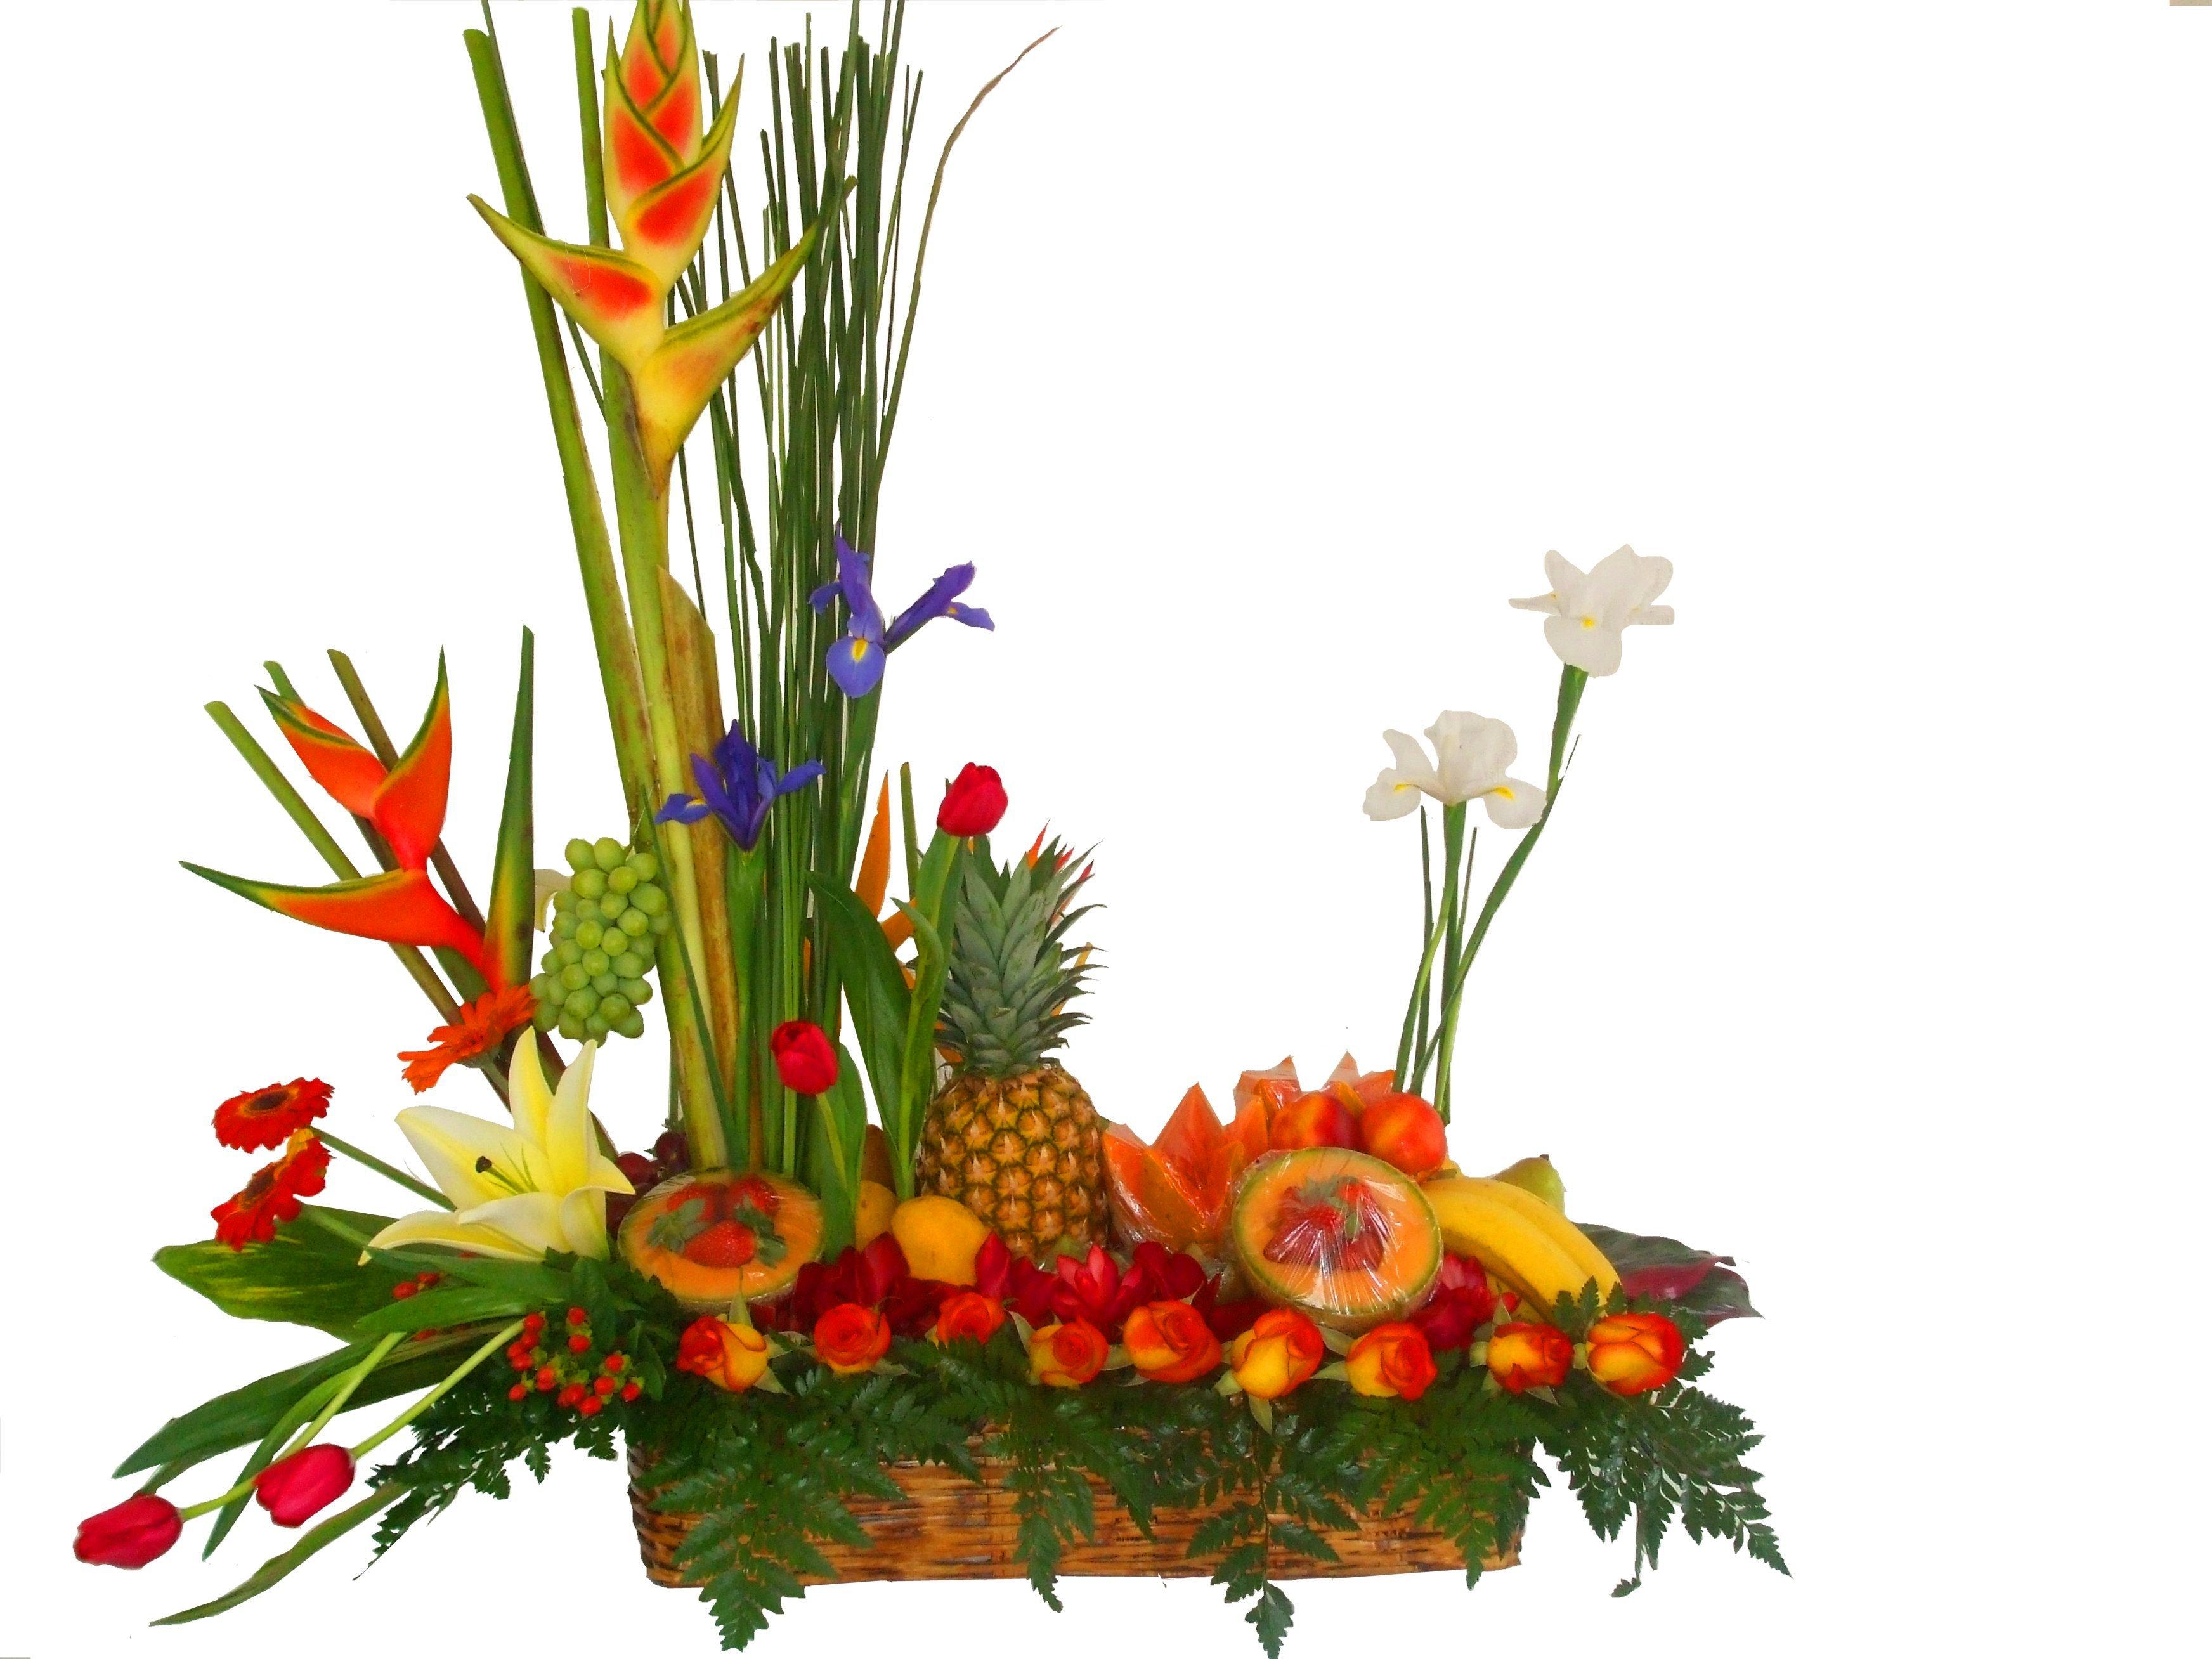 Arreglo Tipo Jardineria Con Frutas Lilis Y Heliconias 102 Envia